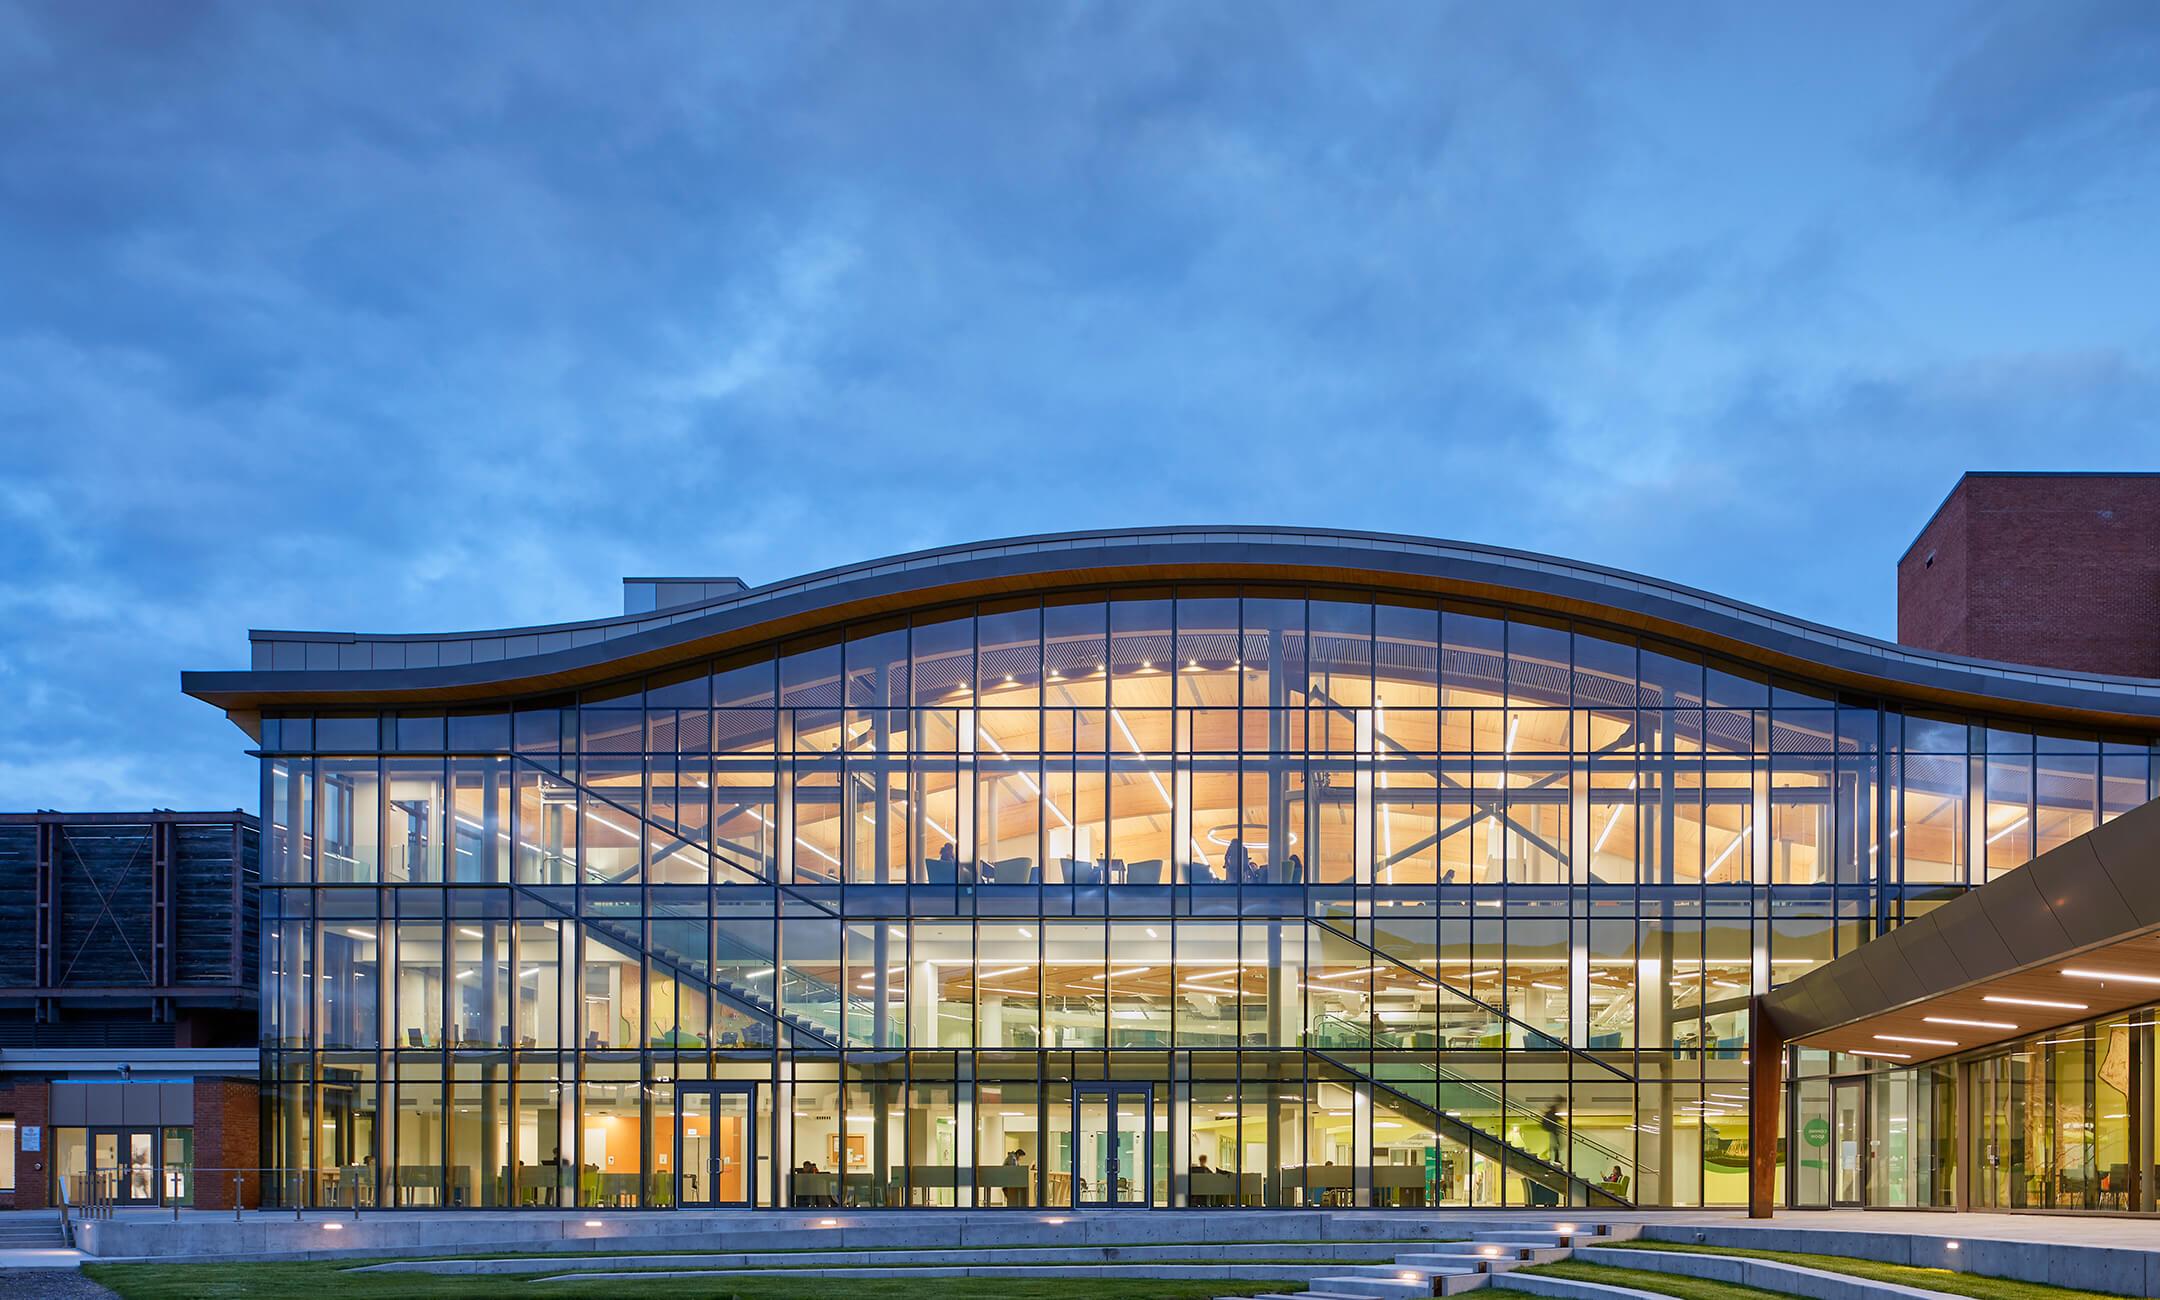 Giới thiệu về Ottawa và Algonquin College